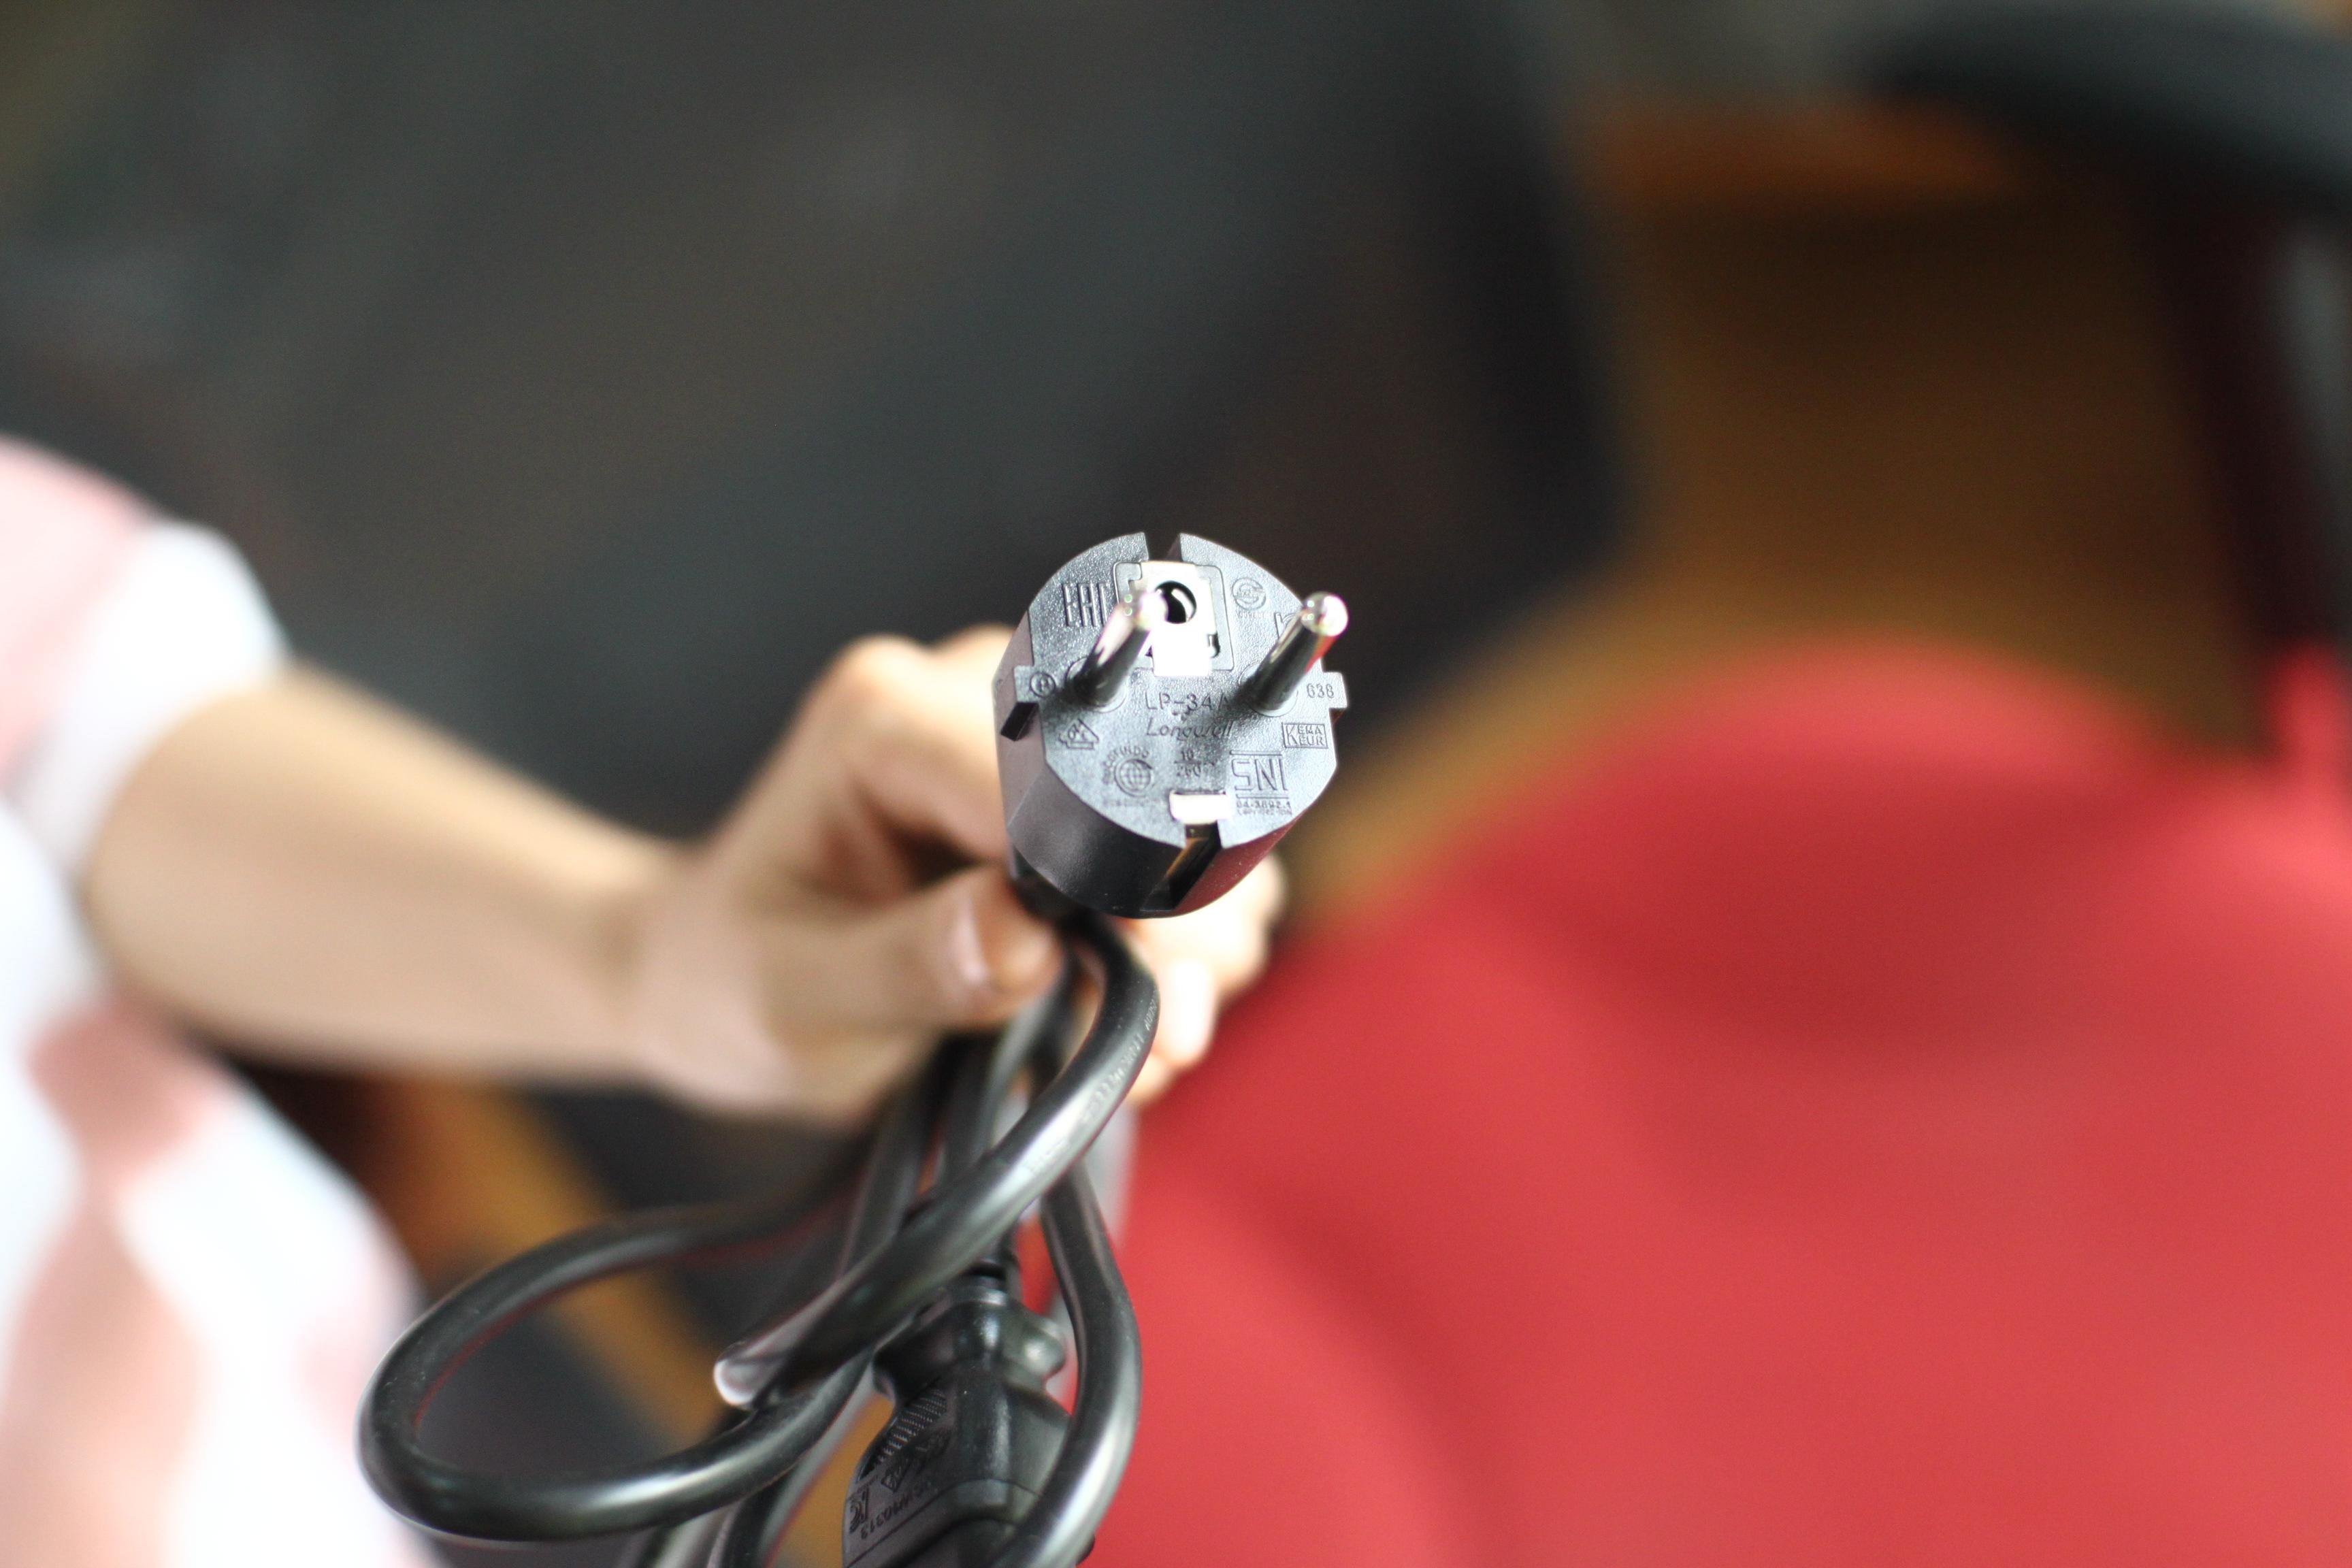 Dây nguồn PC Orizinal, Dây nguồn máy tính, dây nguồn PC dài 2m lõi đồng có cầu chì chống cháy nổ.